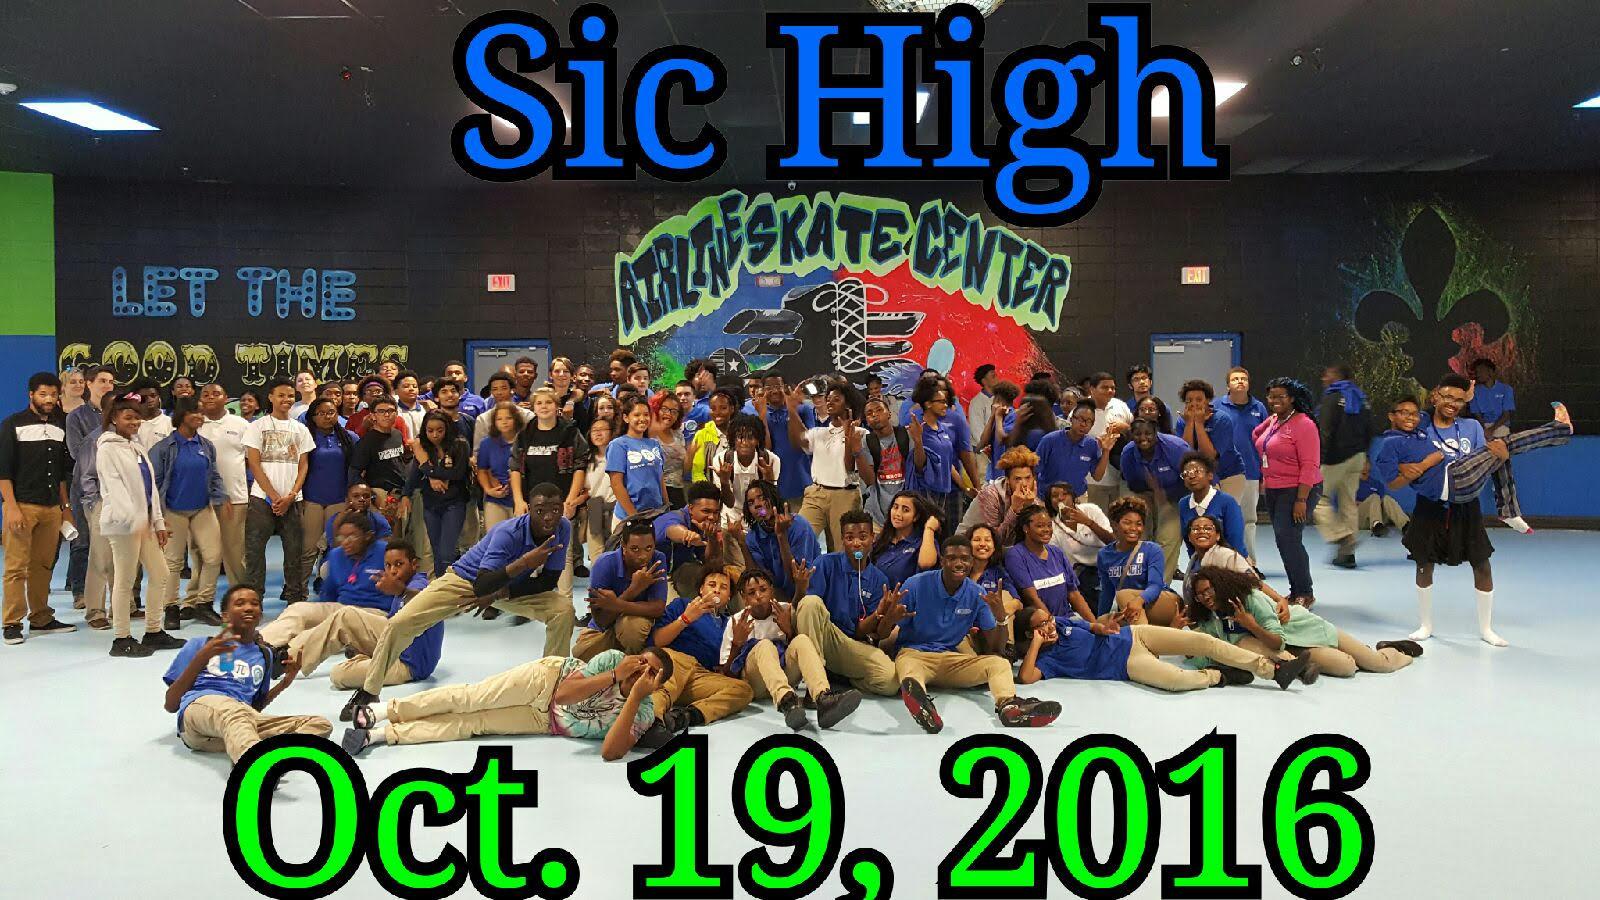 SIC_high 2016